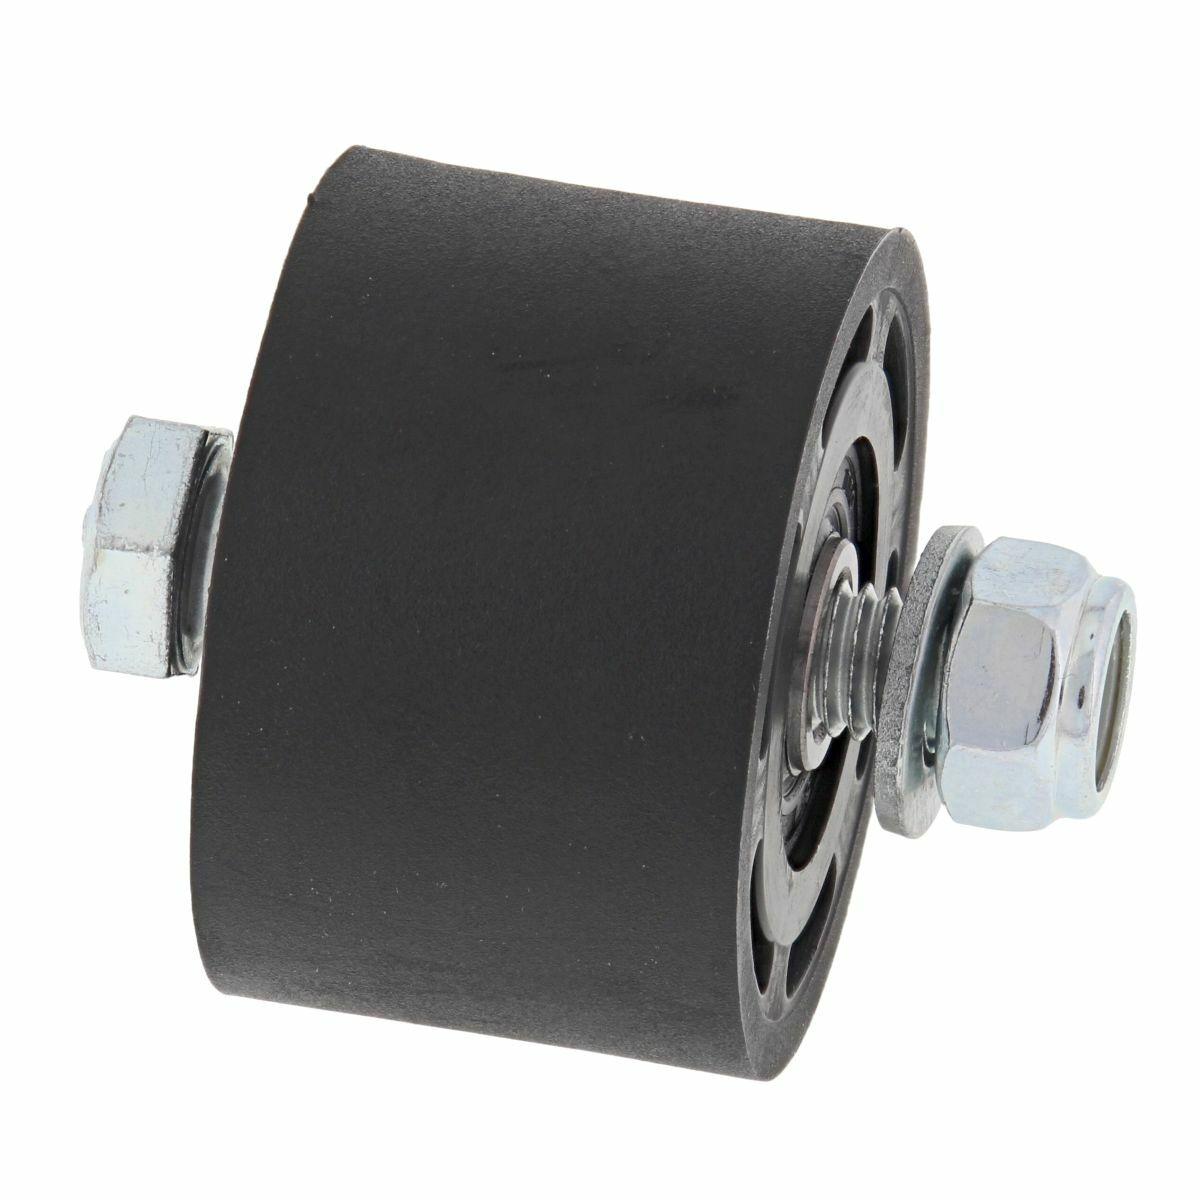 Obrázek produktu Kladka řetezu All Balls Racing 43-28mm černá 79-5006